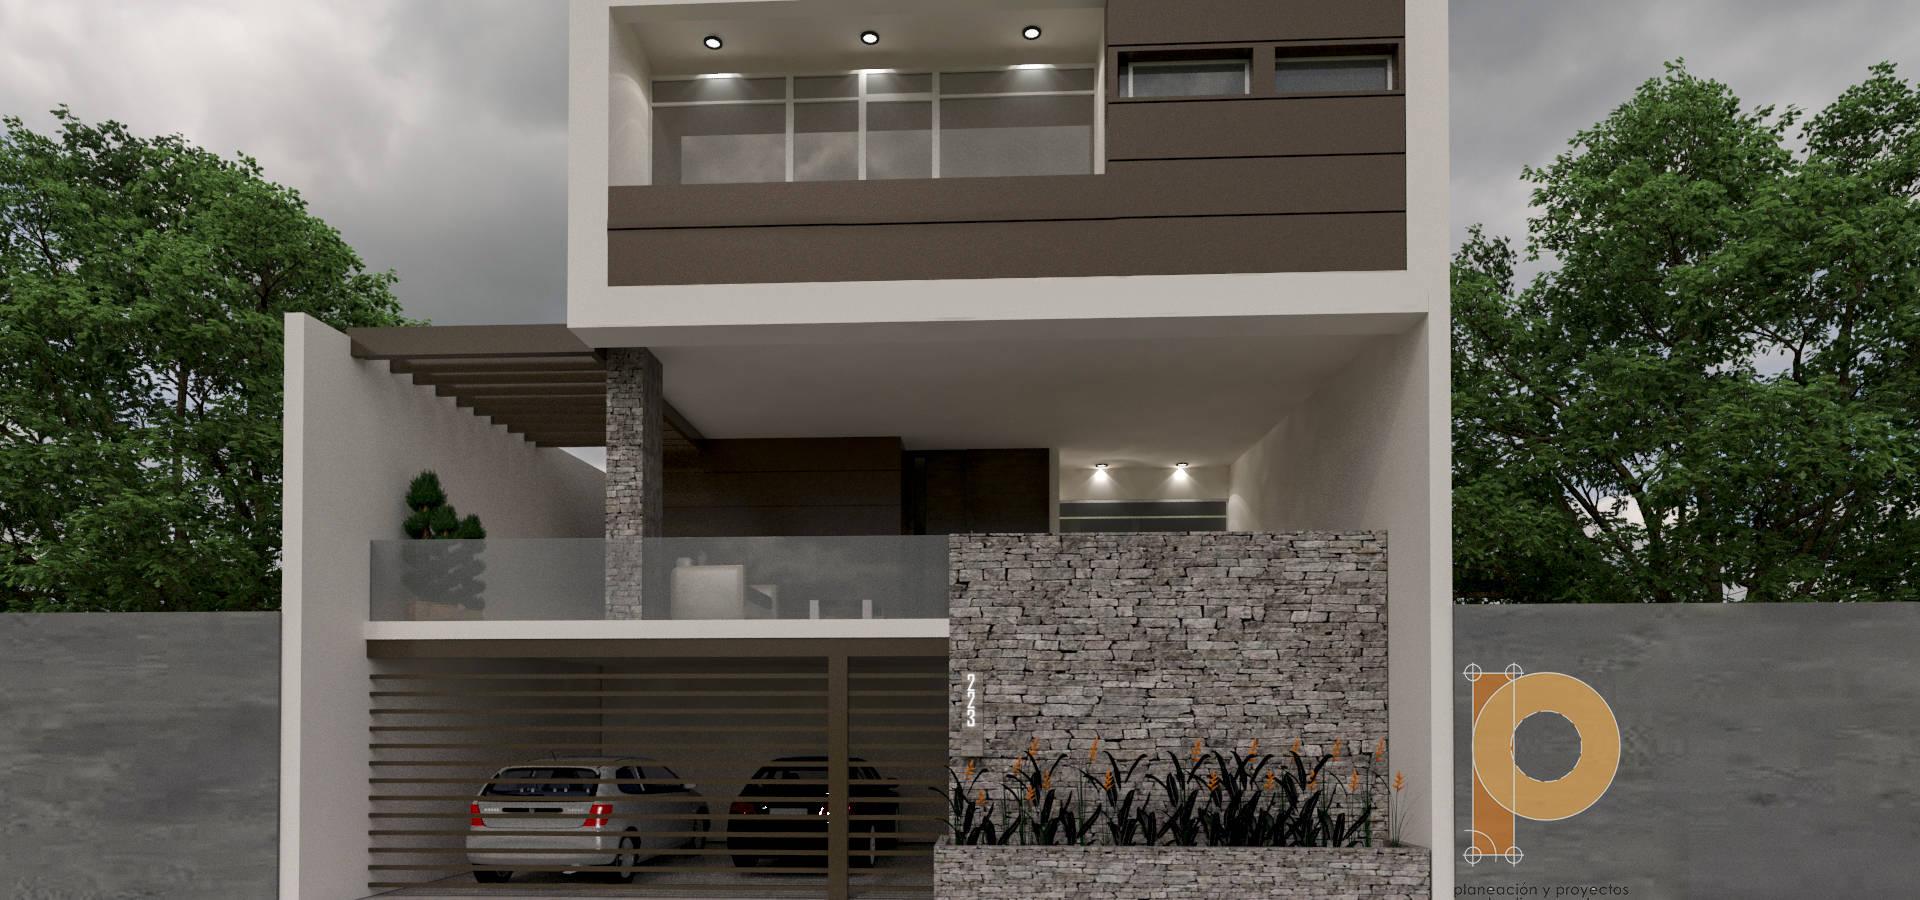 Terraza y asador de planeacion y proyectos constructivos s for Asadores contemporaneos jardin